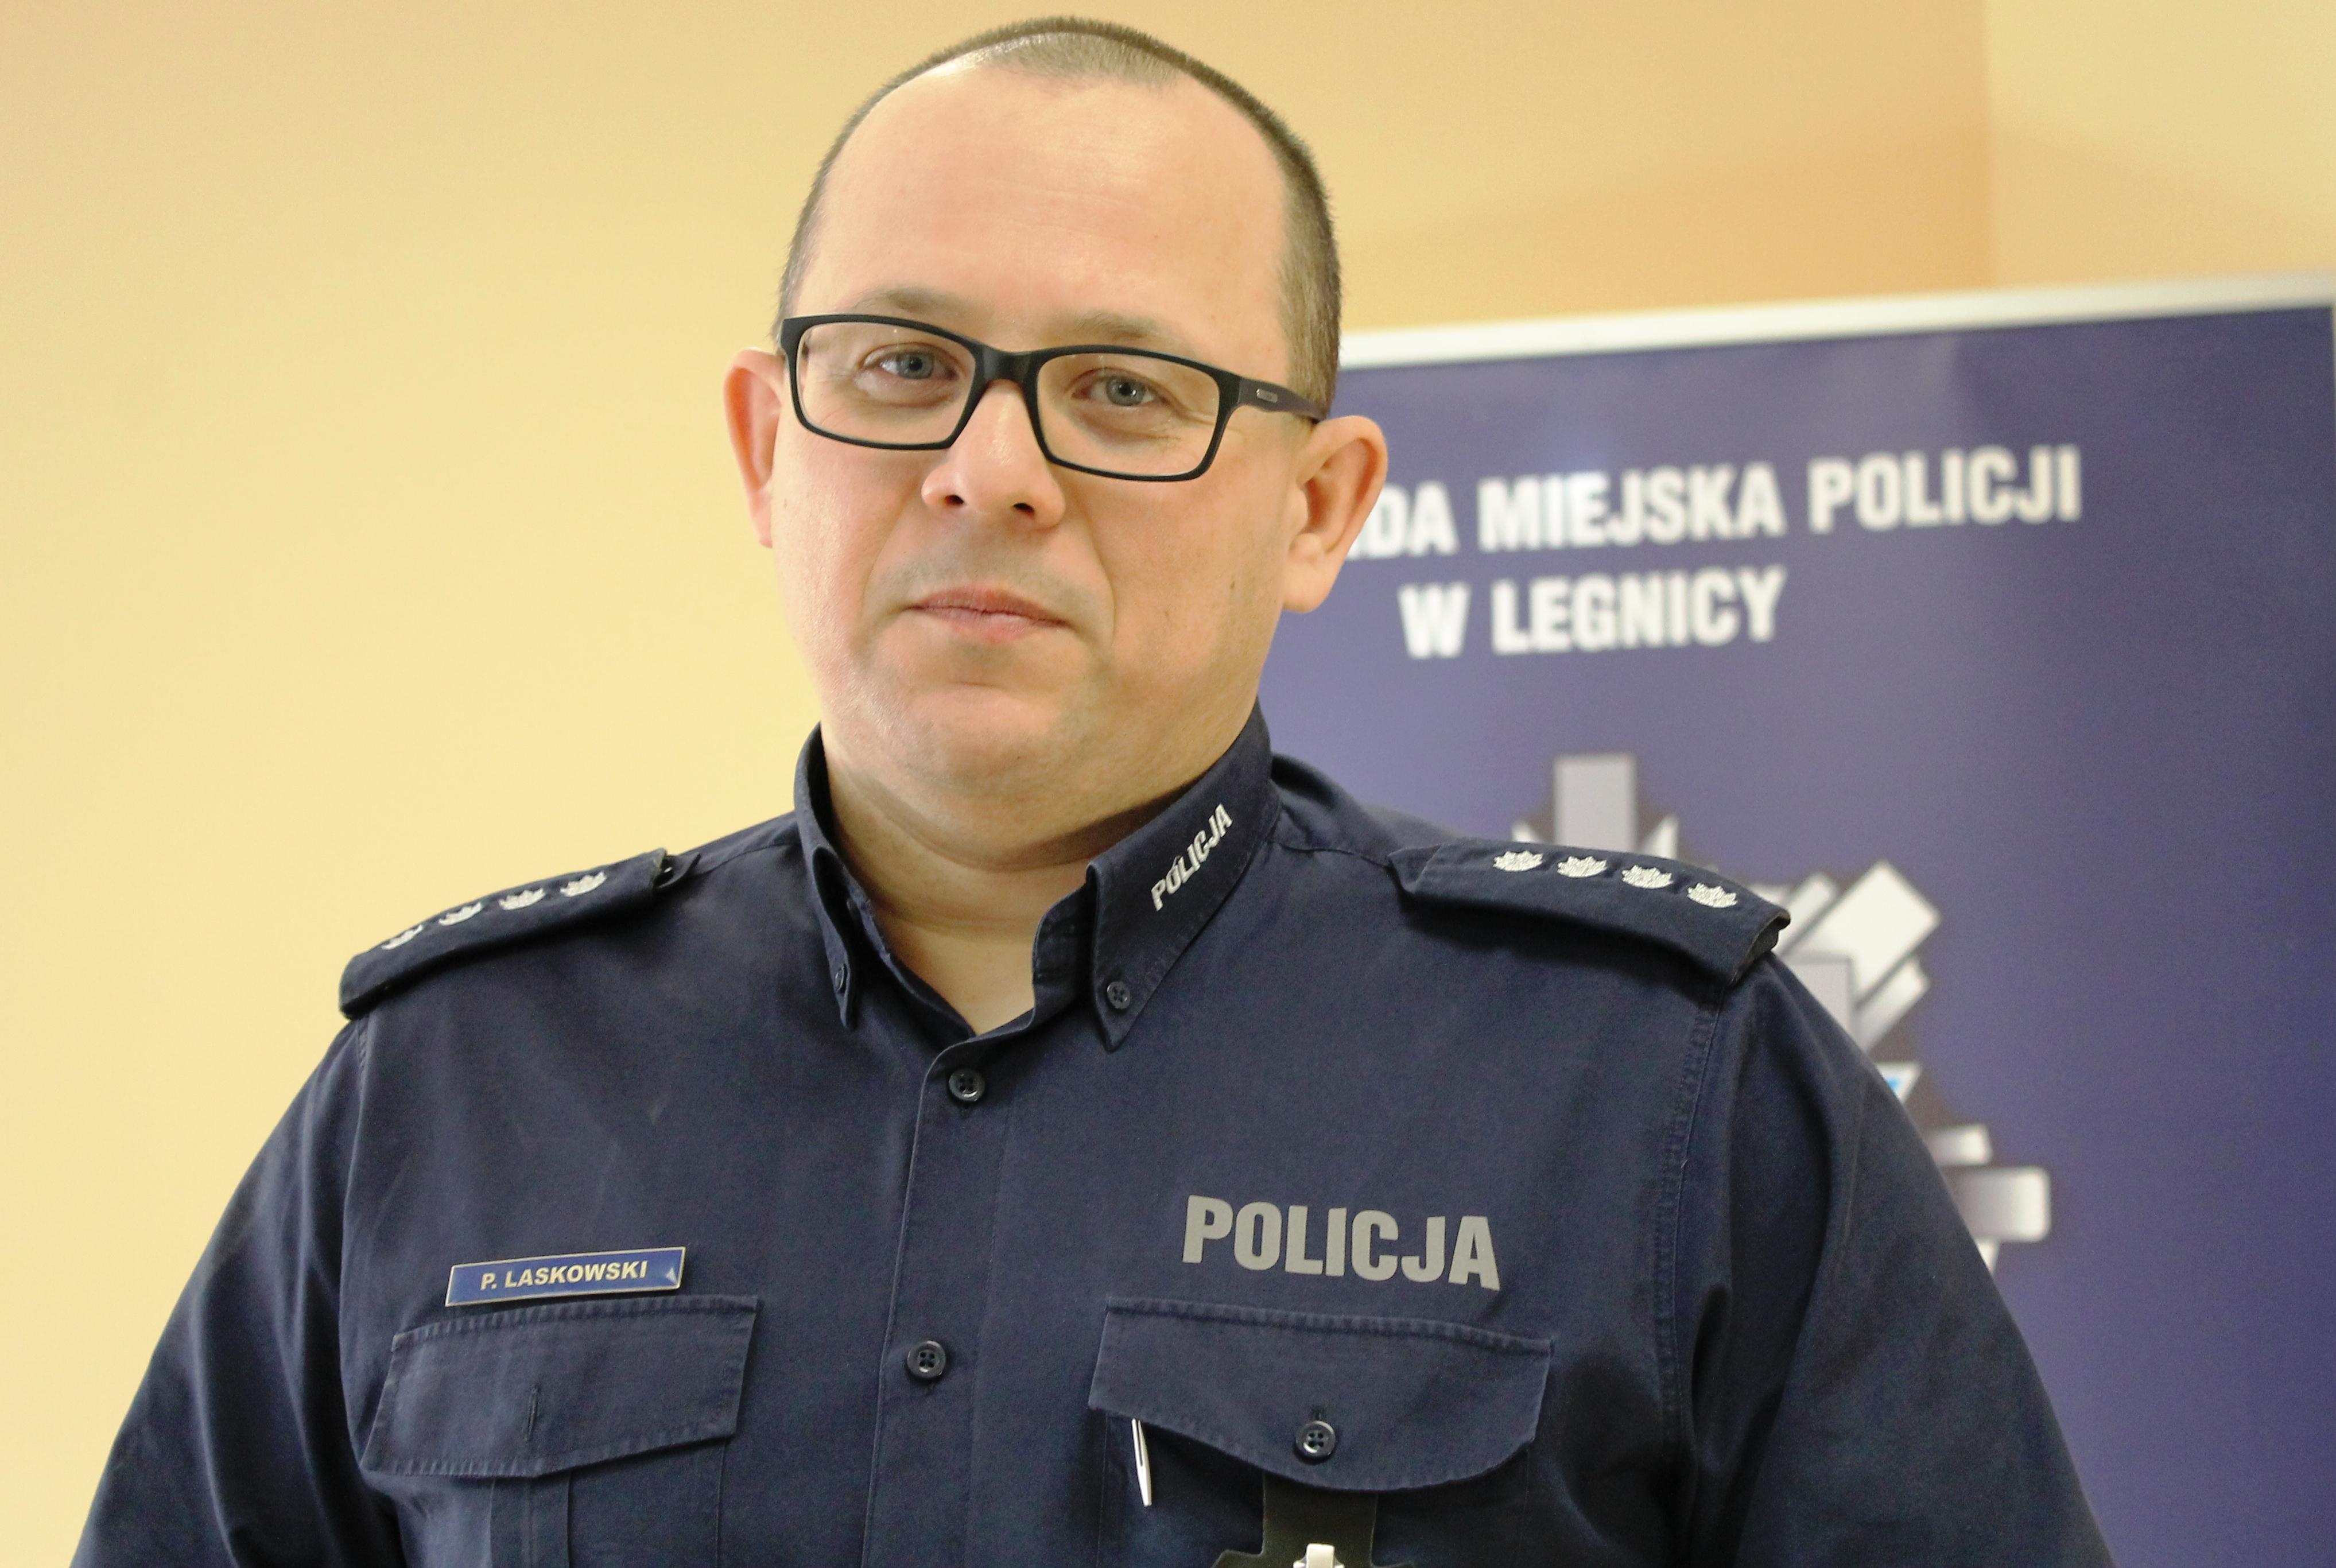 LEGNICA. Nowy wiceszef policji (WIDEO)